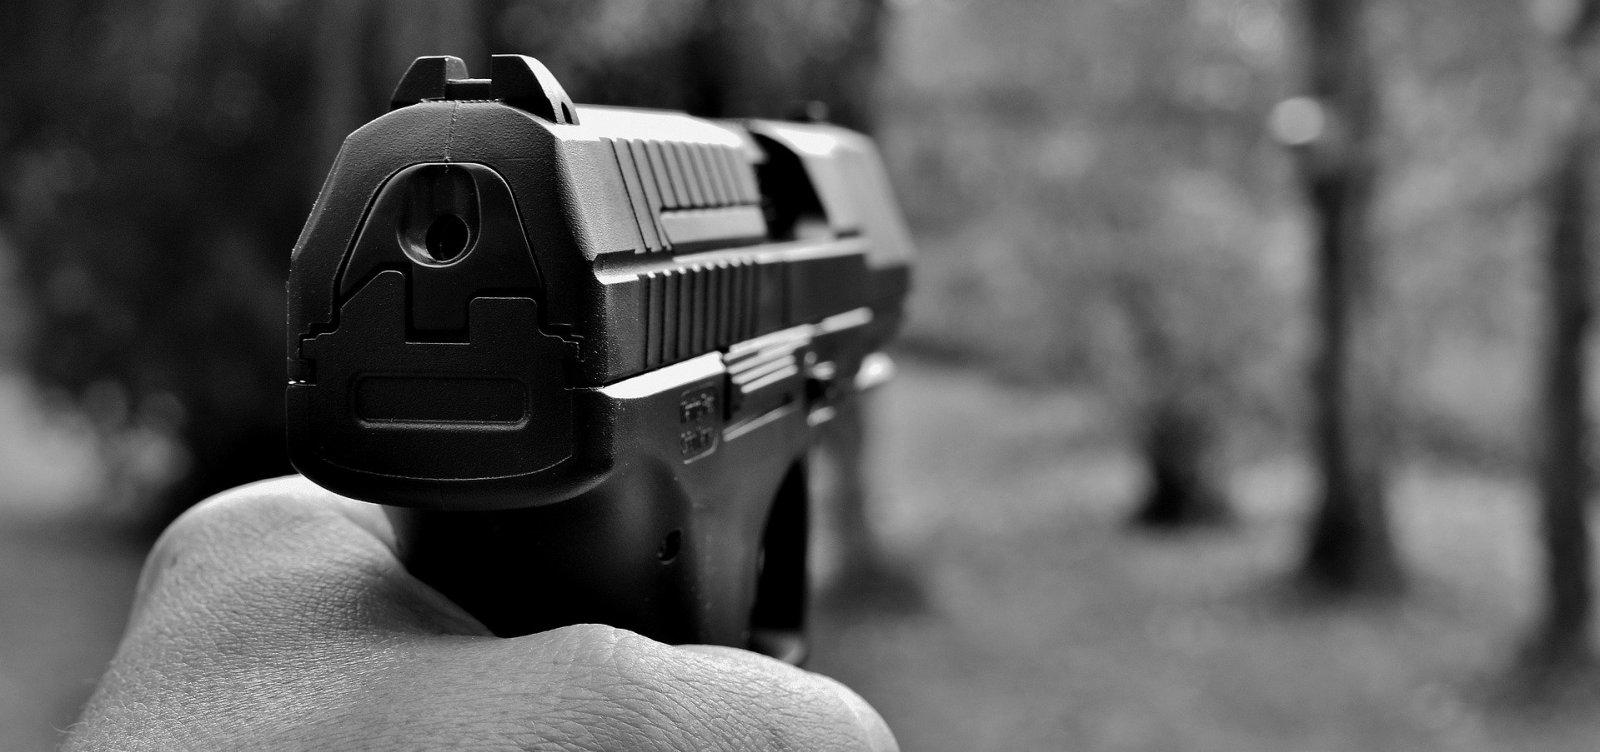 Número de policiais mortos por Covid-19 em 2020 é o triplo dos que foram assassinados